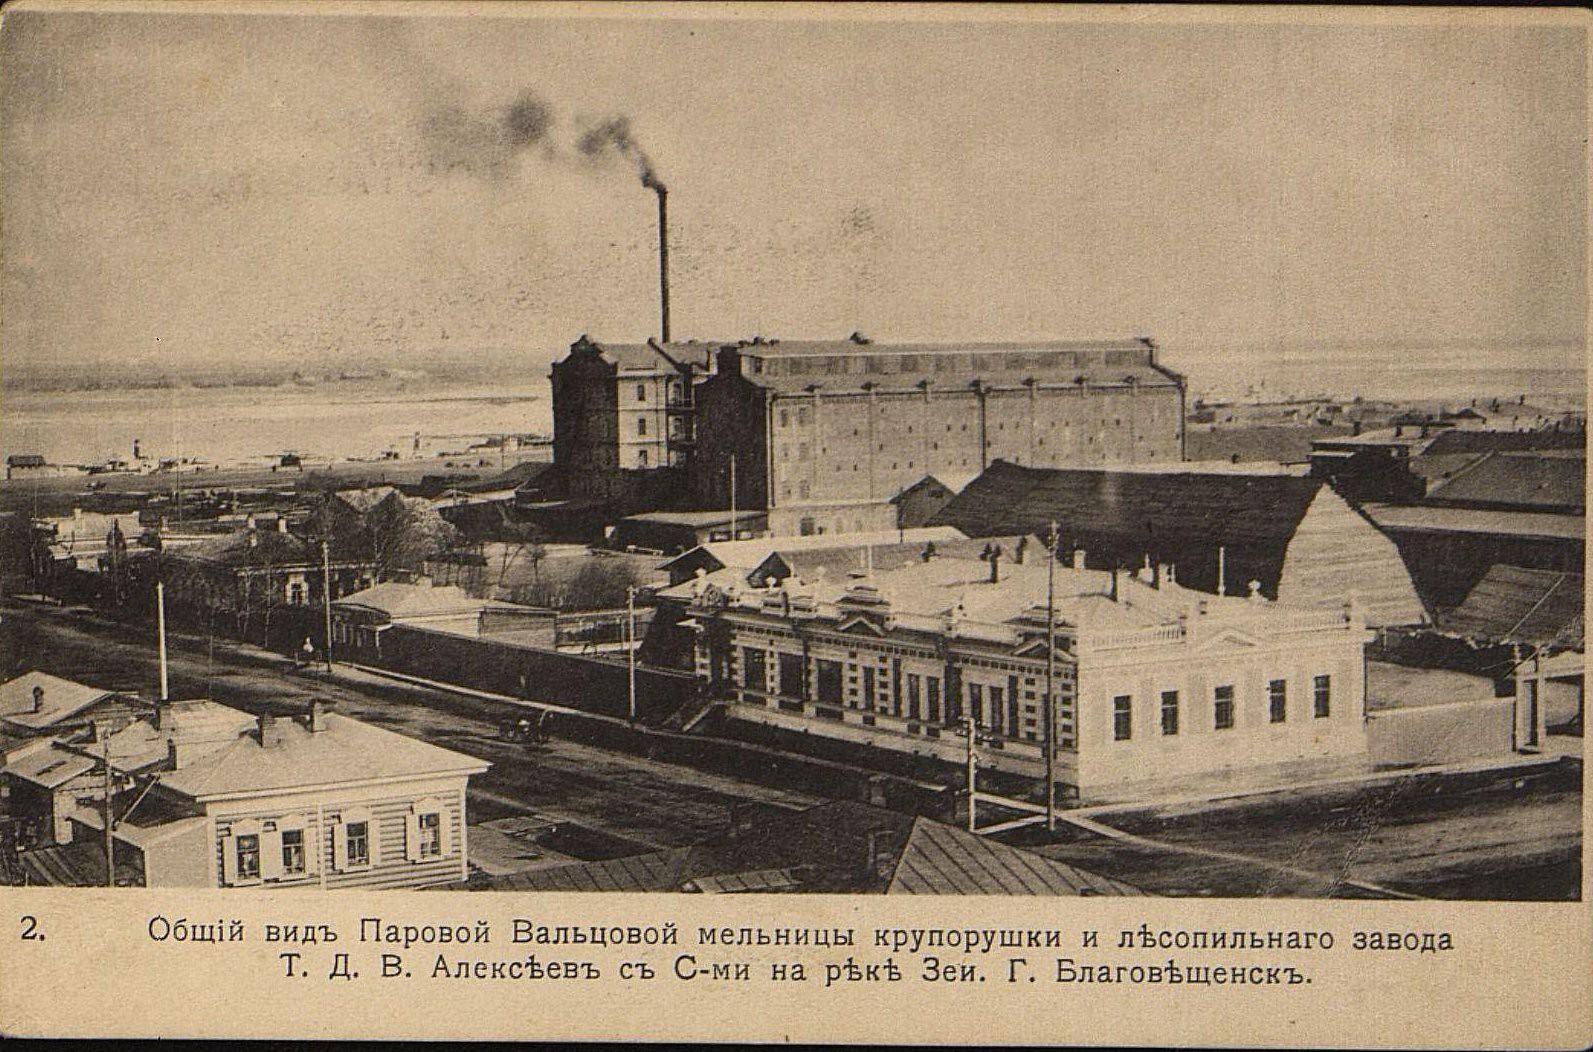 Общий вид паровой вальцовой мельницы, крупорушки и лесопильного завода товарищества «Д.В. Алексеев с сыновьями